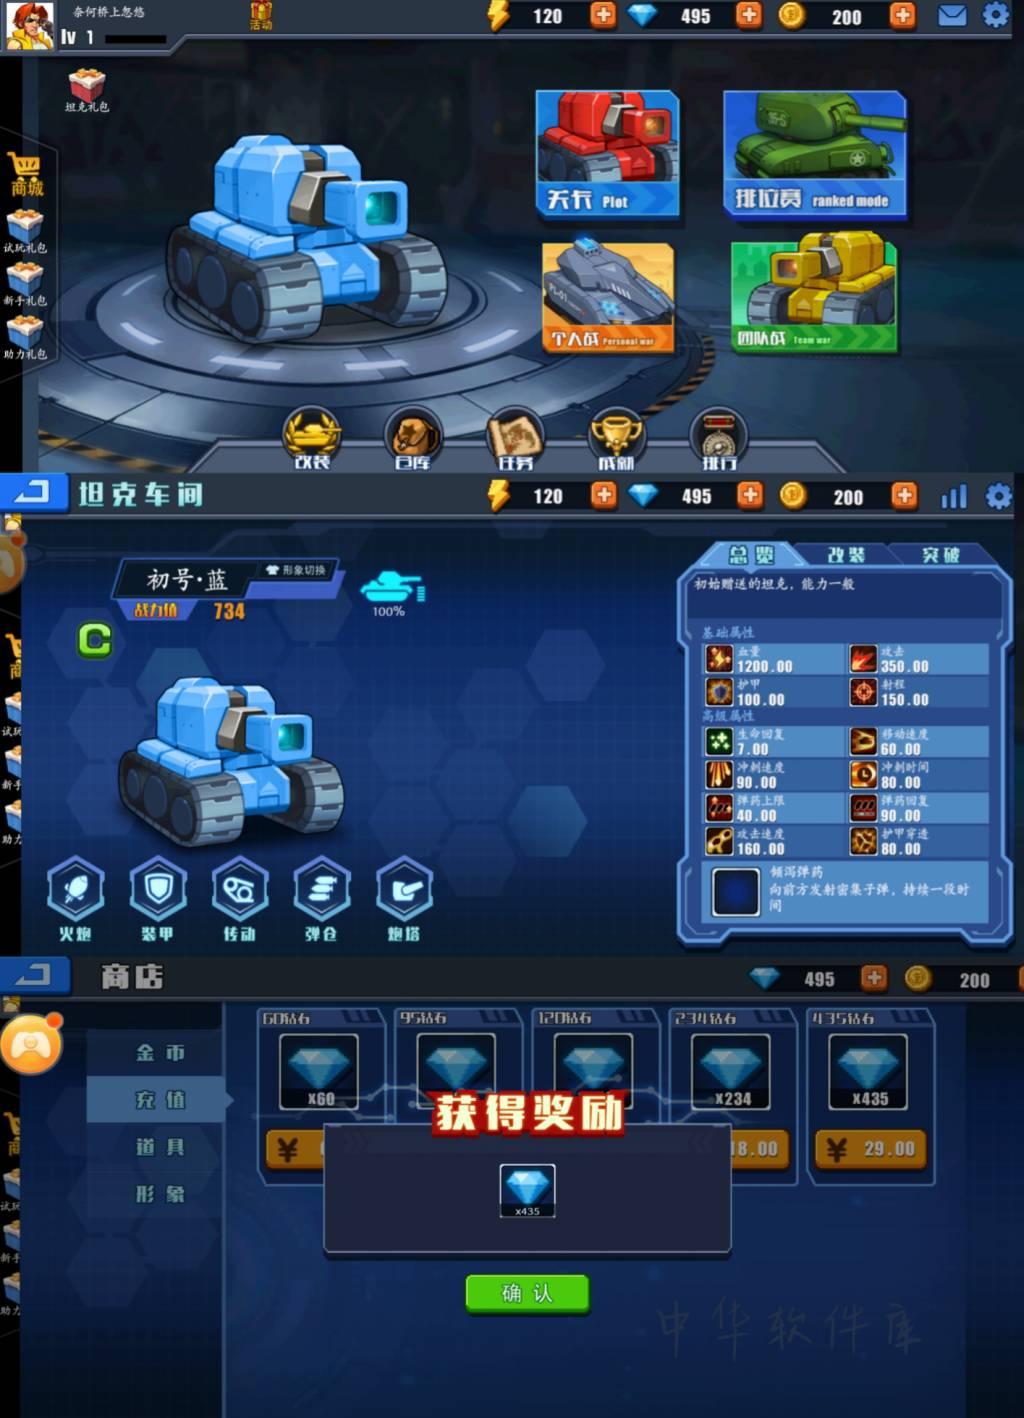 小坦克大作战v1.0.9直接购买-依辰破解版